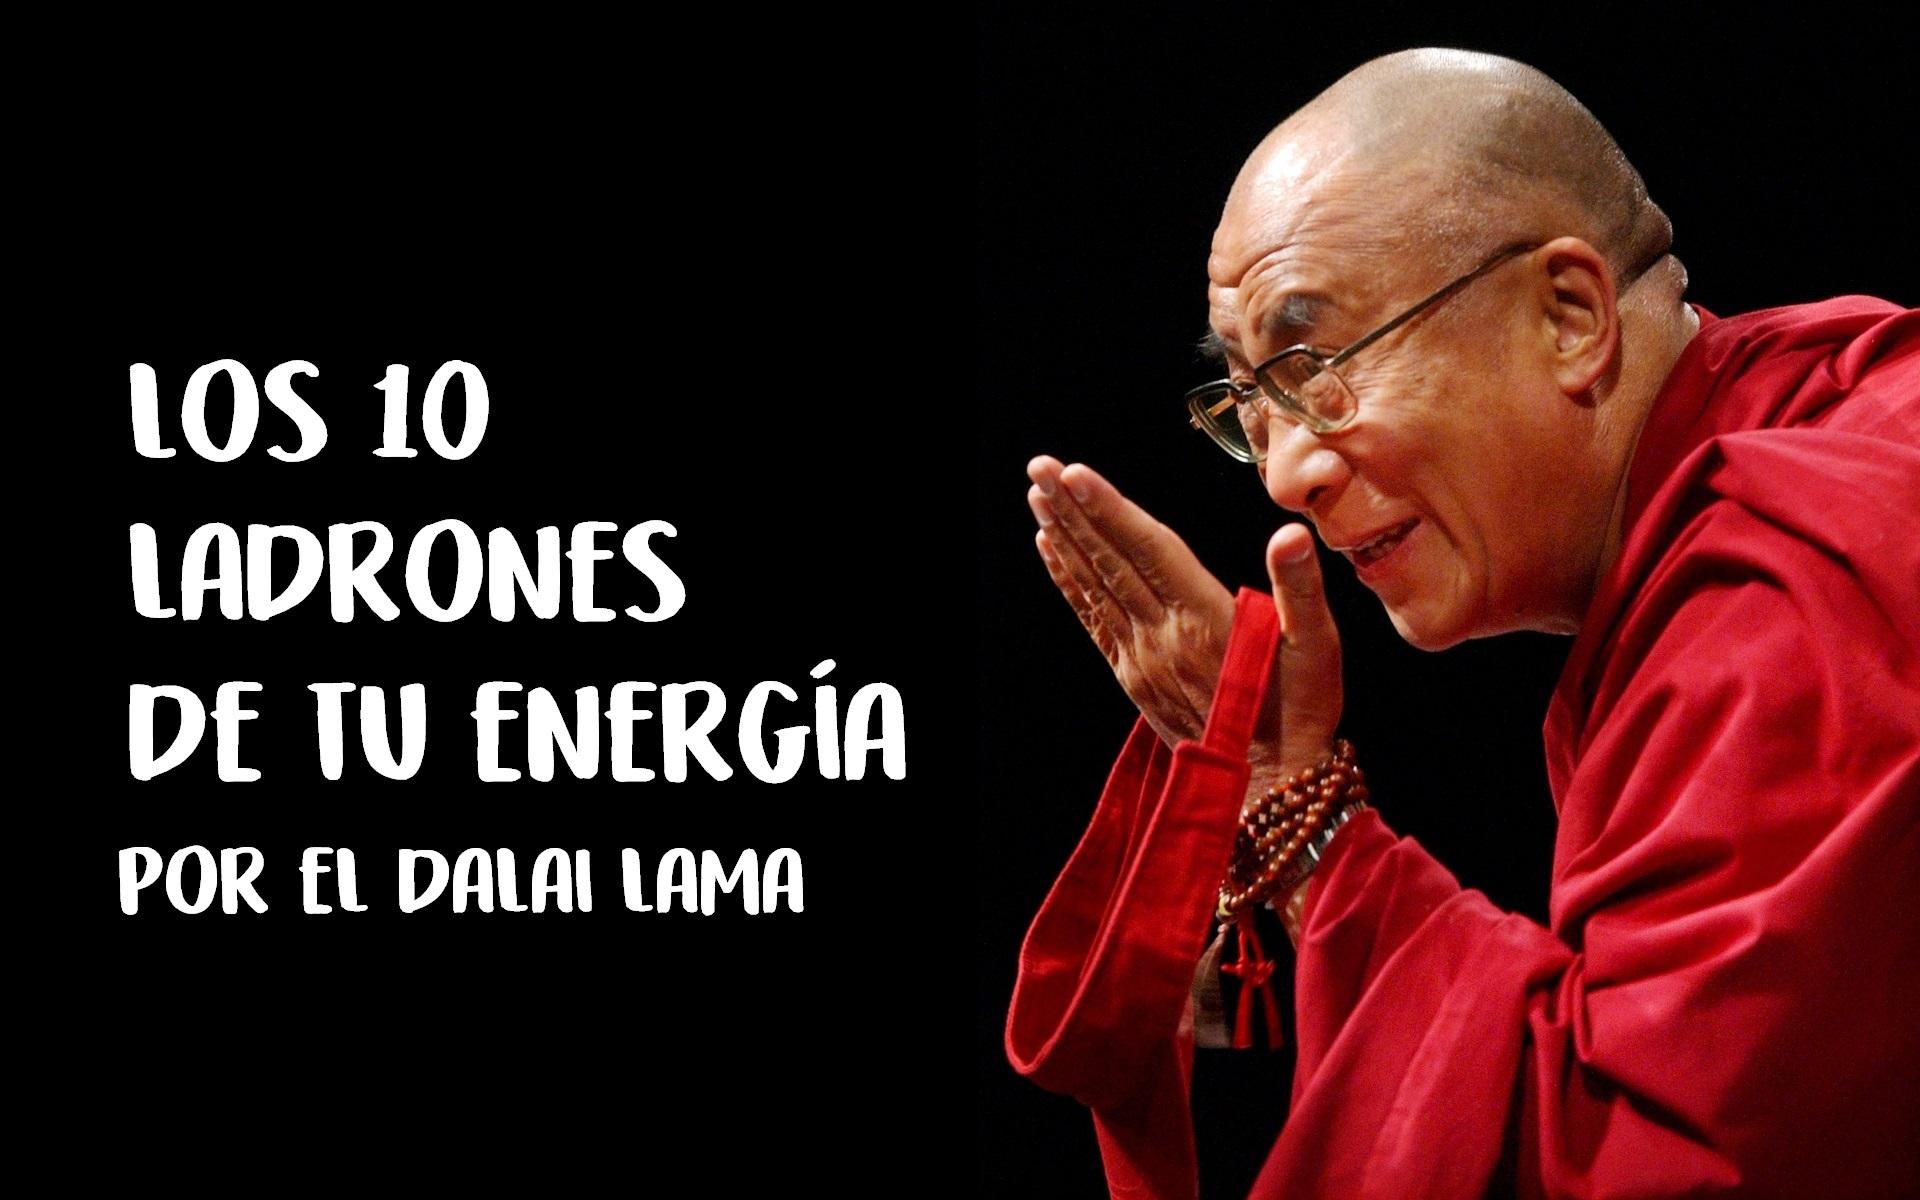 Los 10 Ladrones de Tu Energía por el Dalai Lama